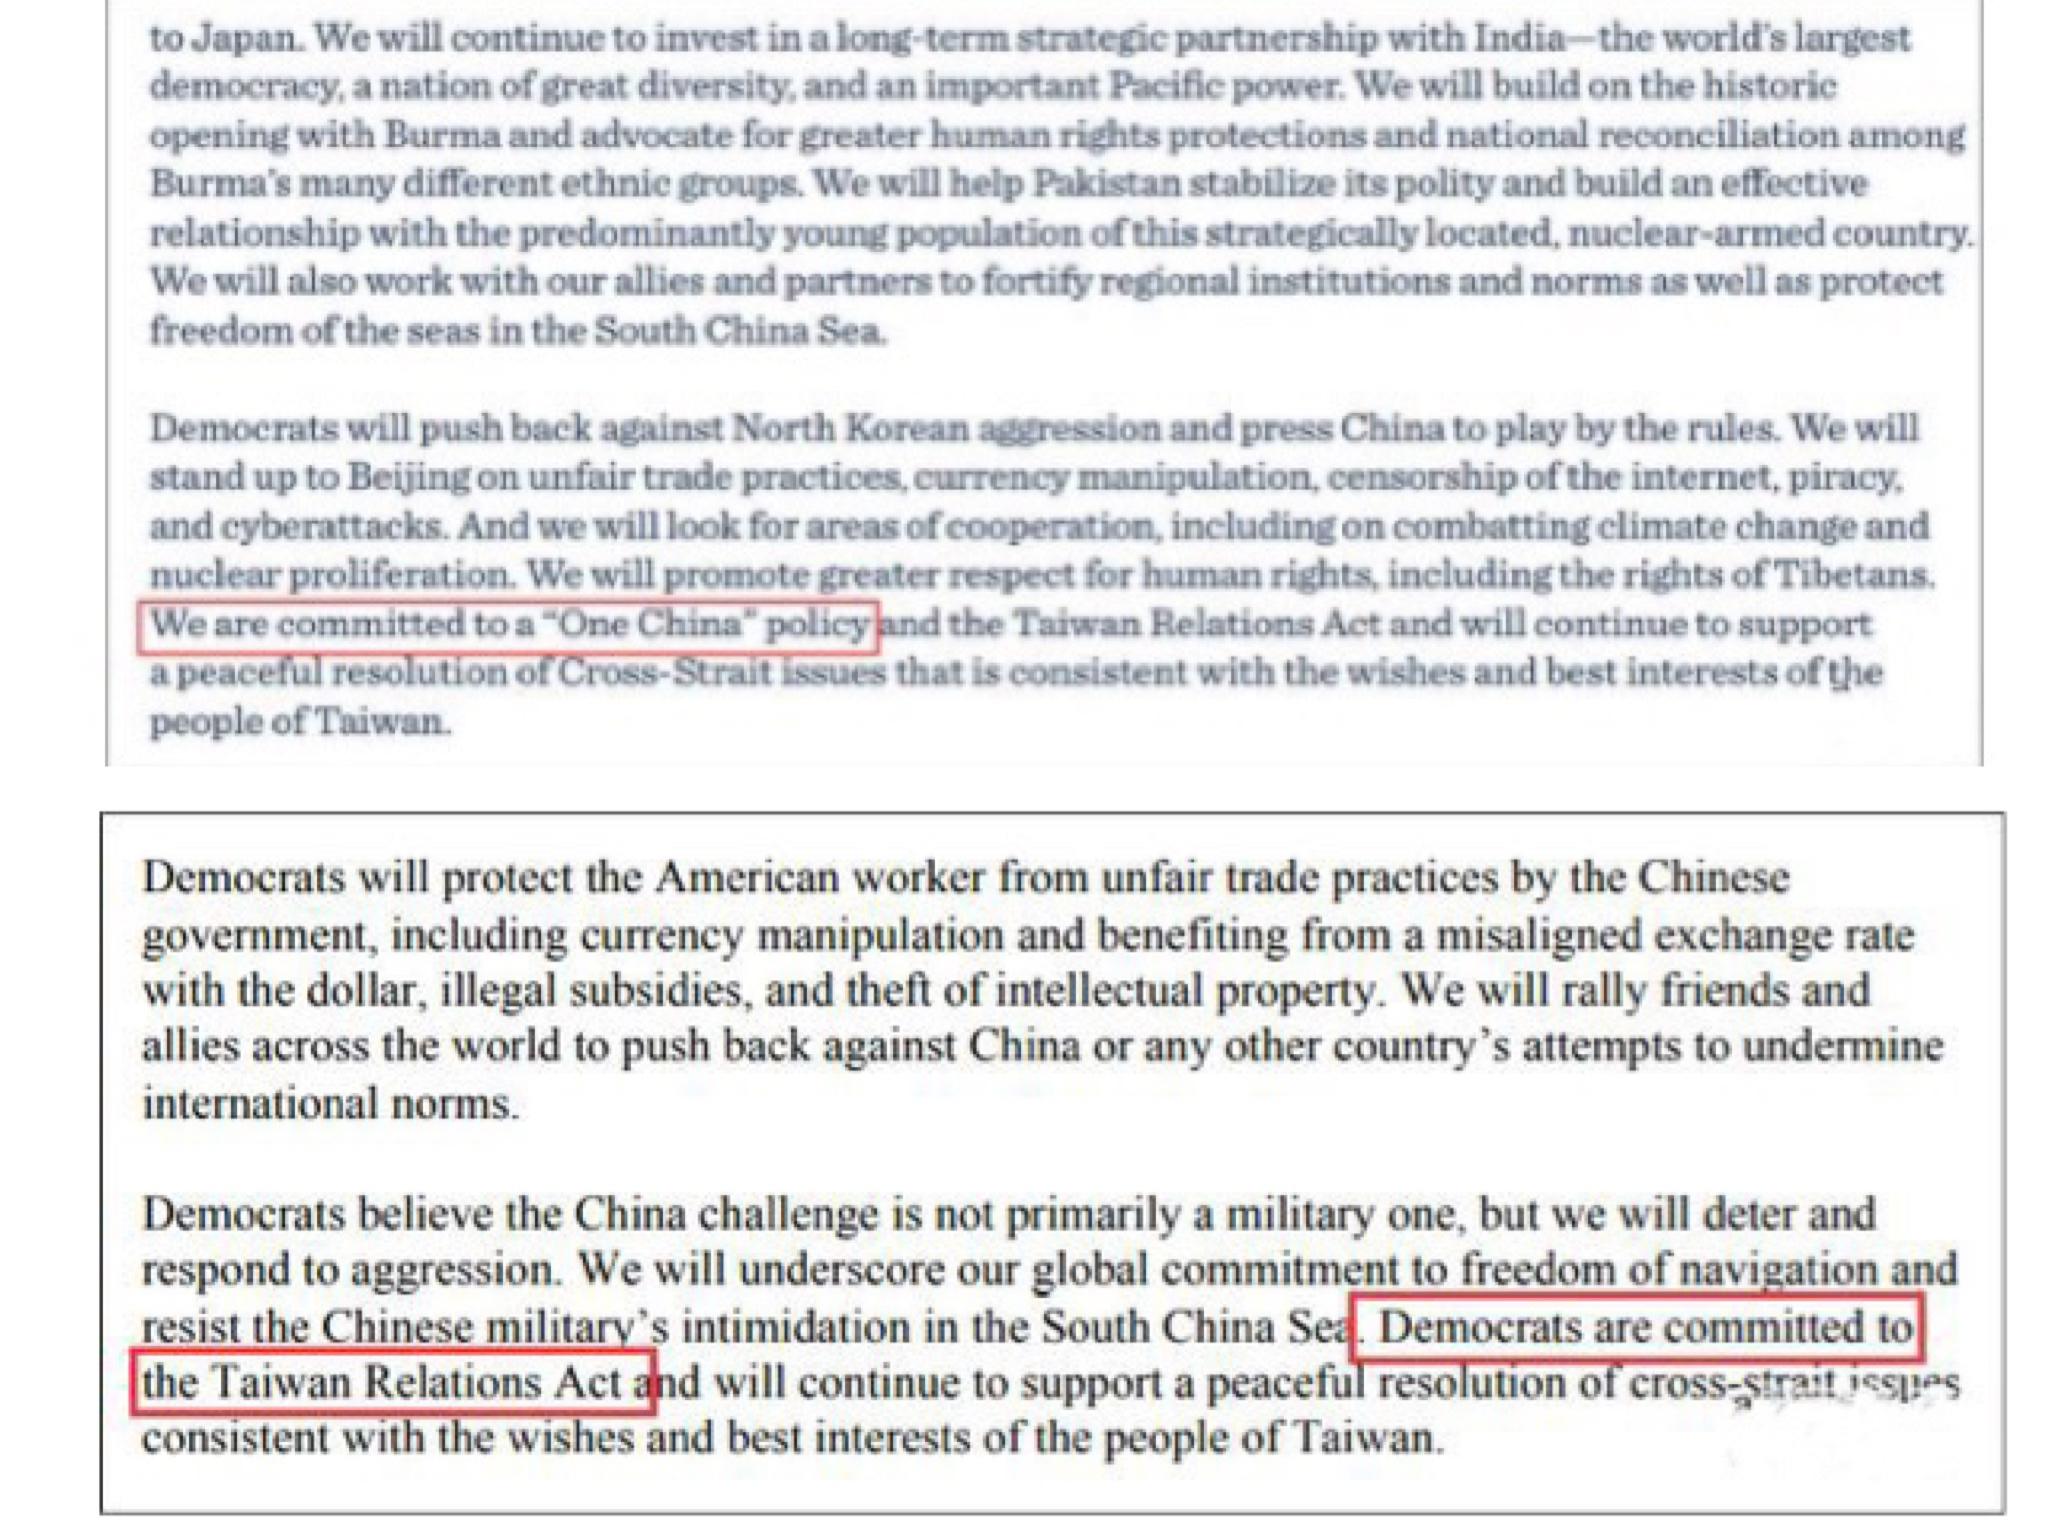 视频|如果拜登击败特朗普 对中国意味着什么?